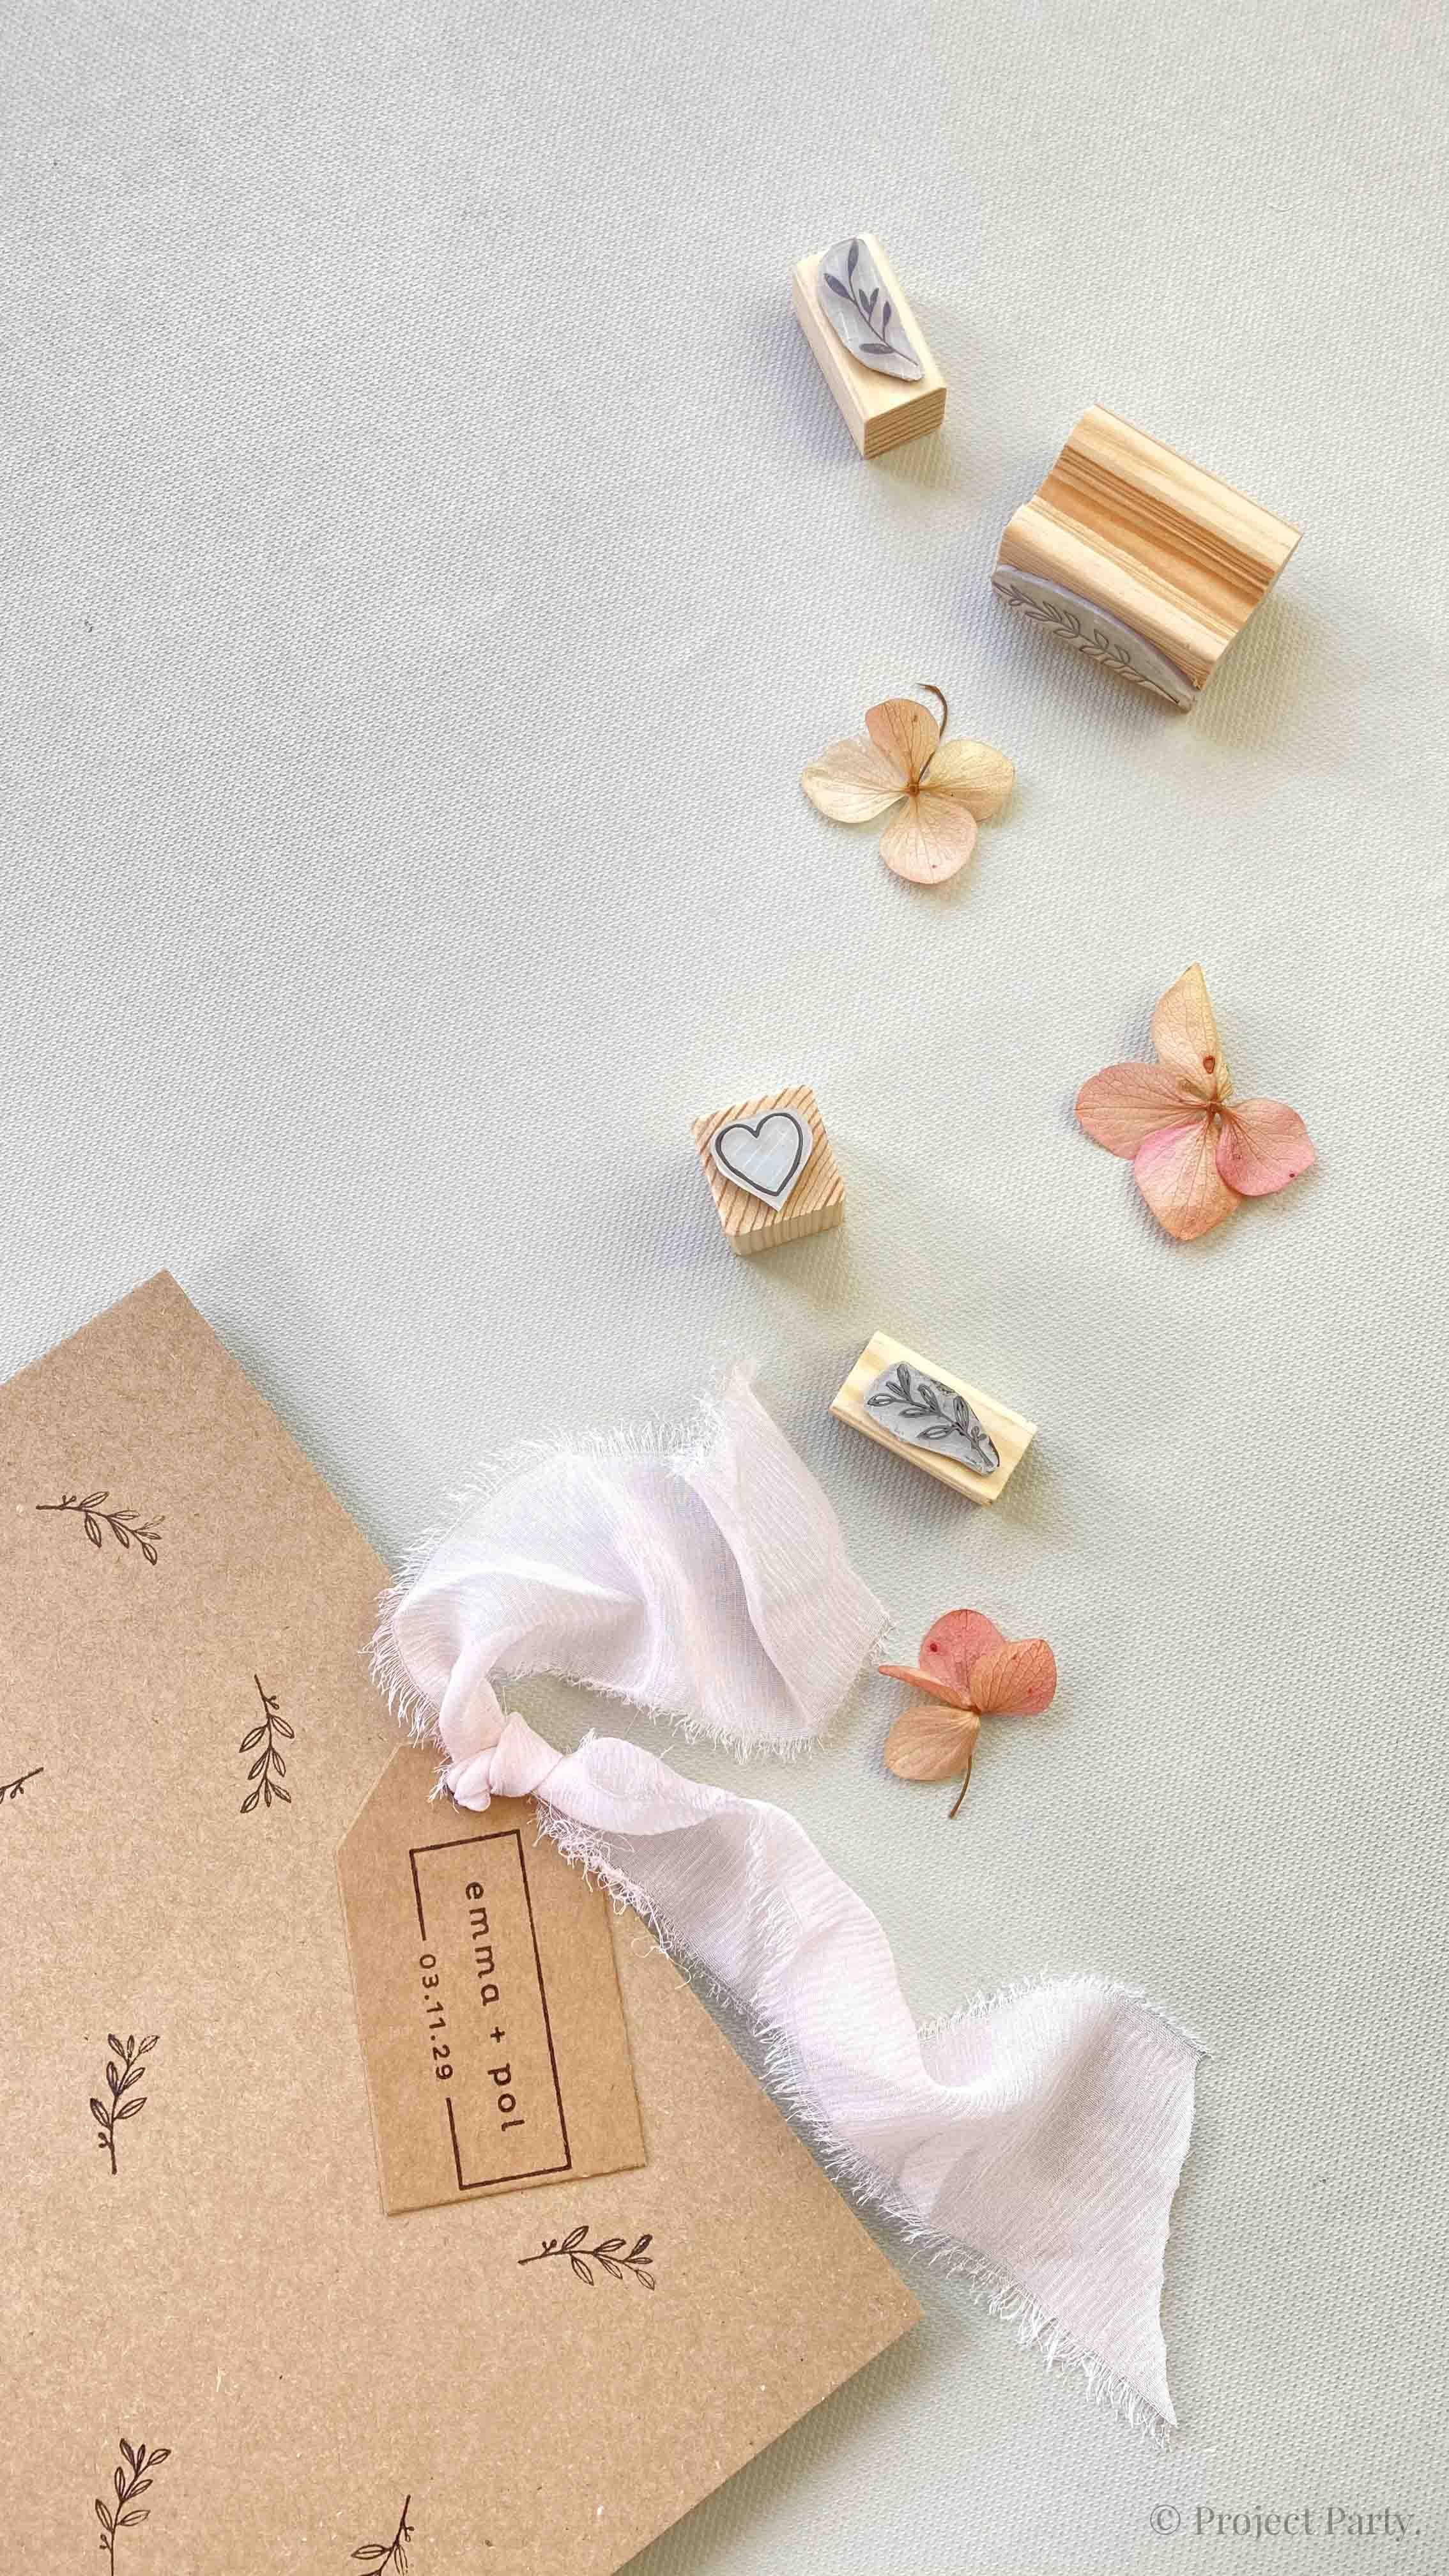 Invitaciones de boda hechas a mano - estampado con sellos